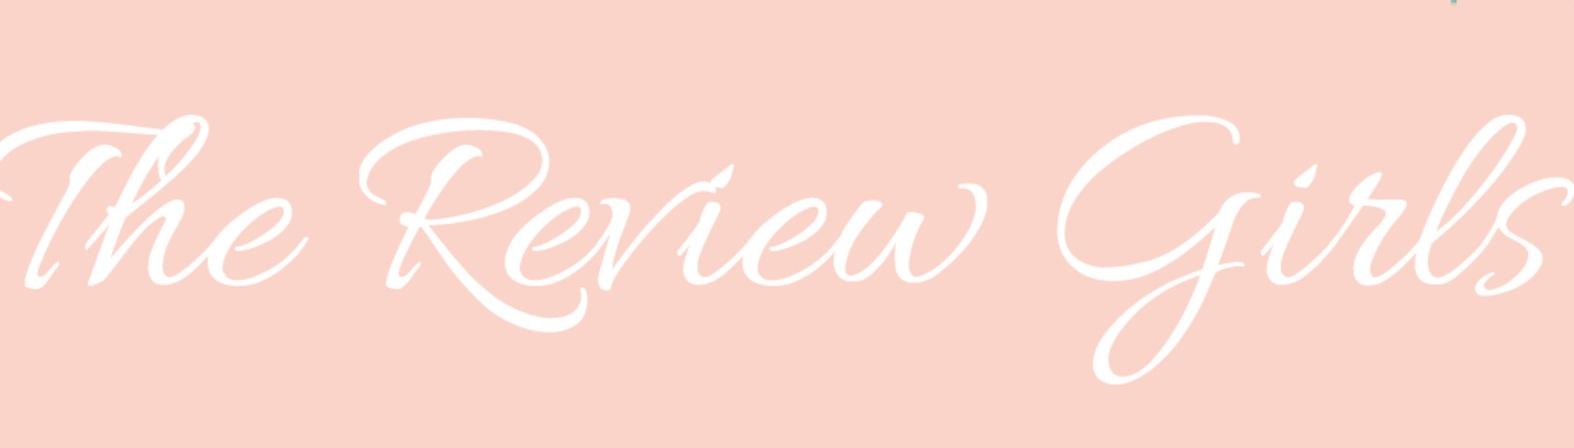 review+girls+logo.jpg